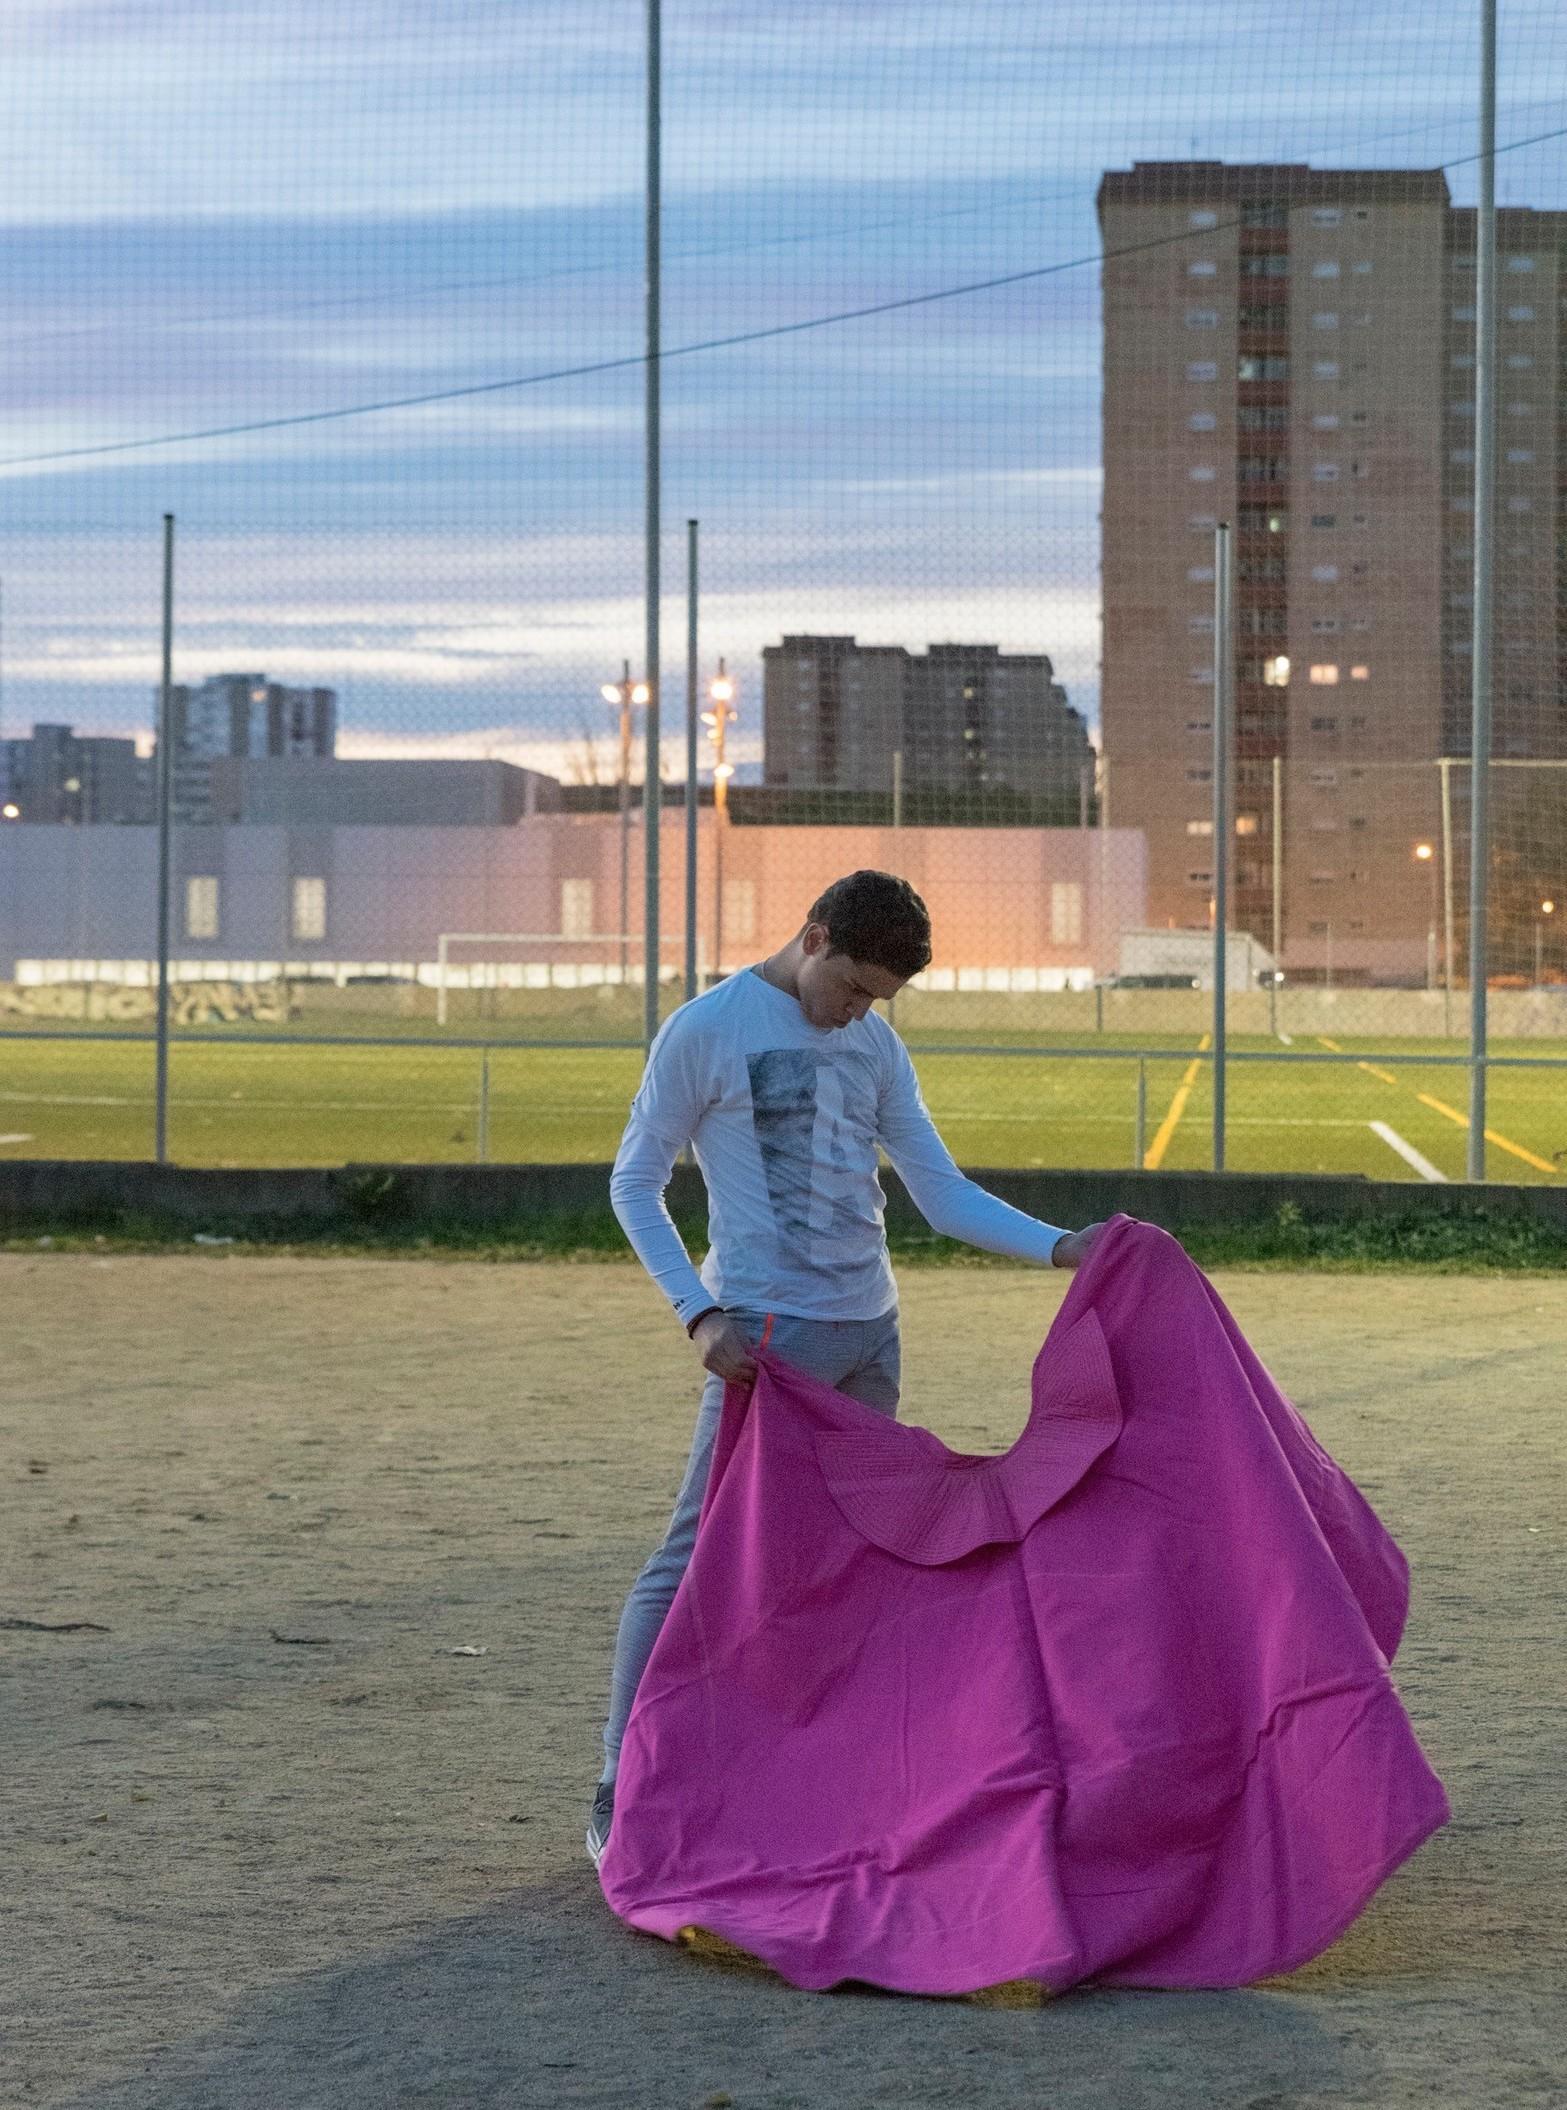 Joven calentando con el capote en el área metropolitana de Barcelona.